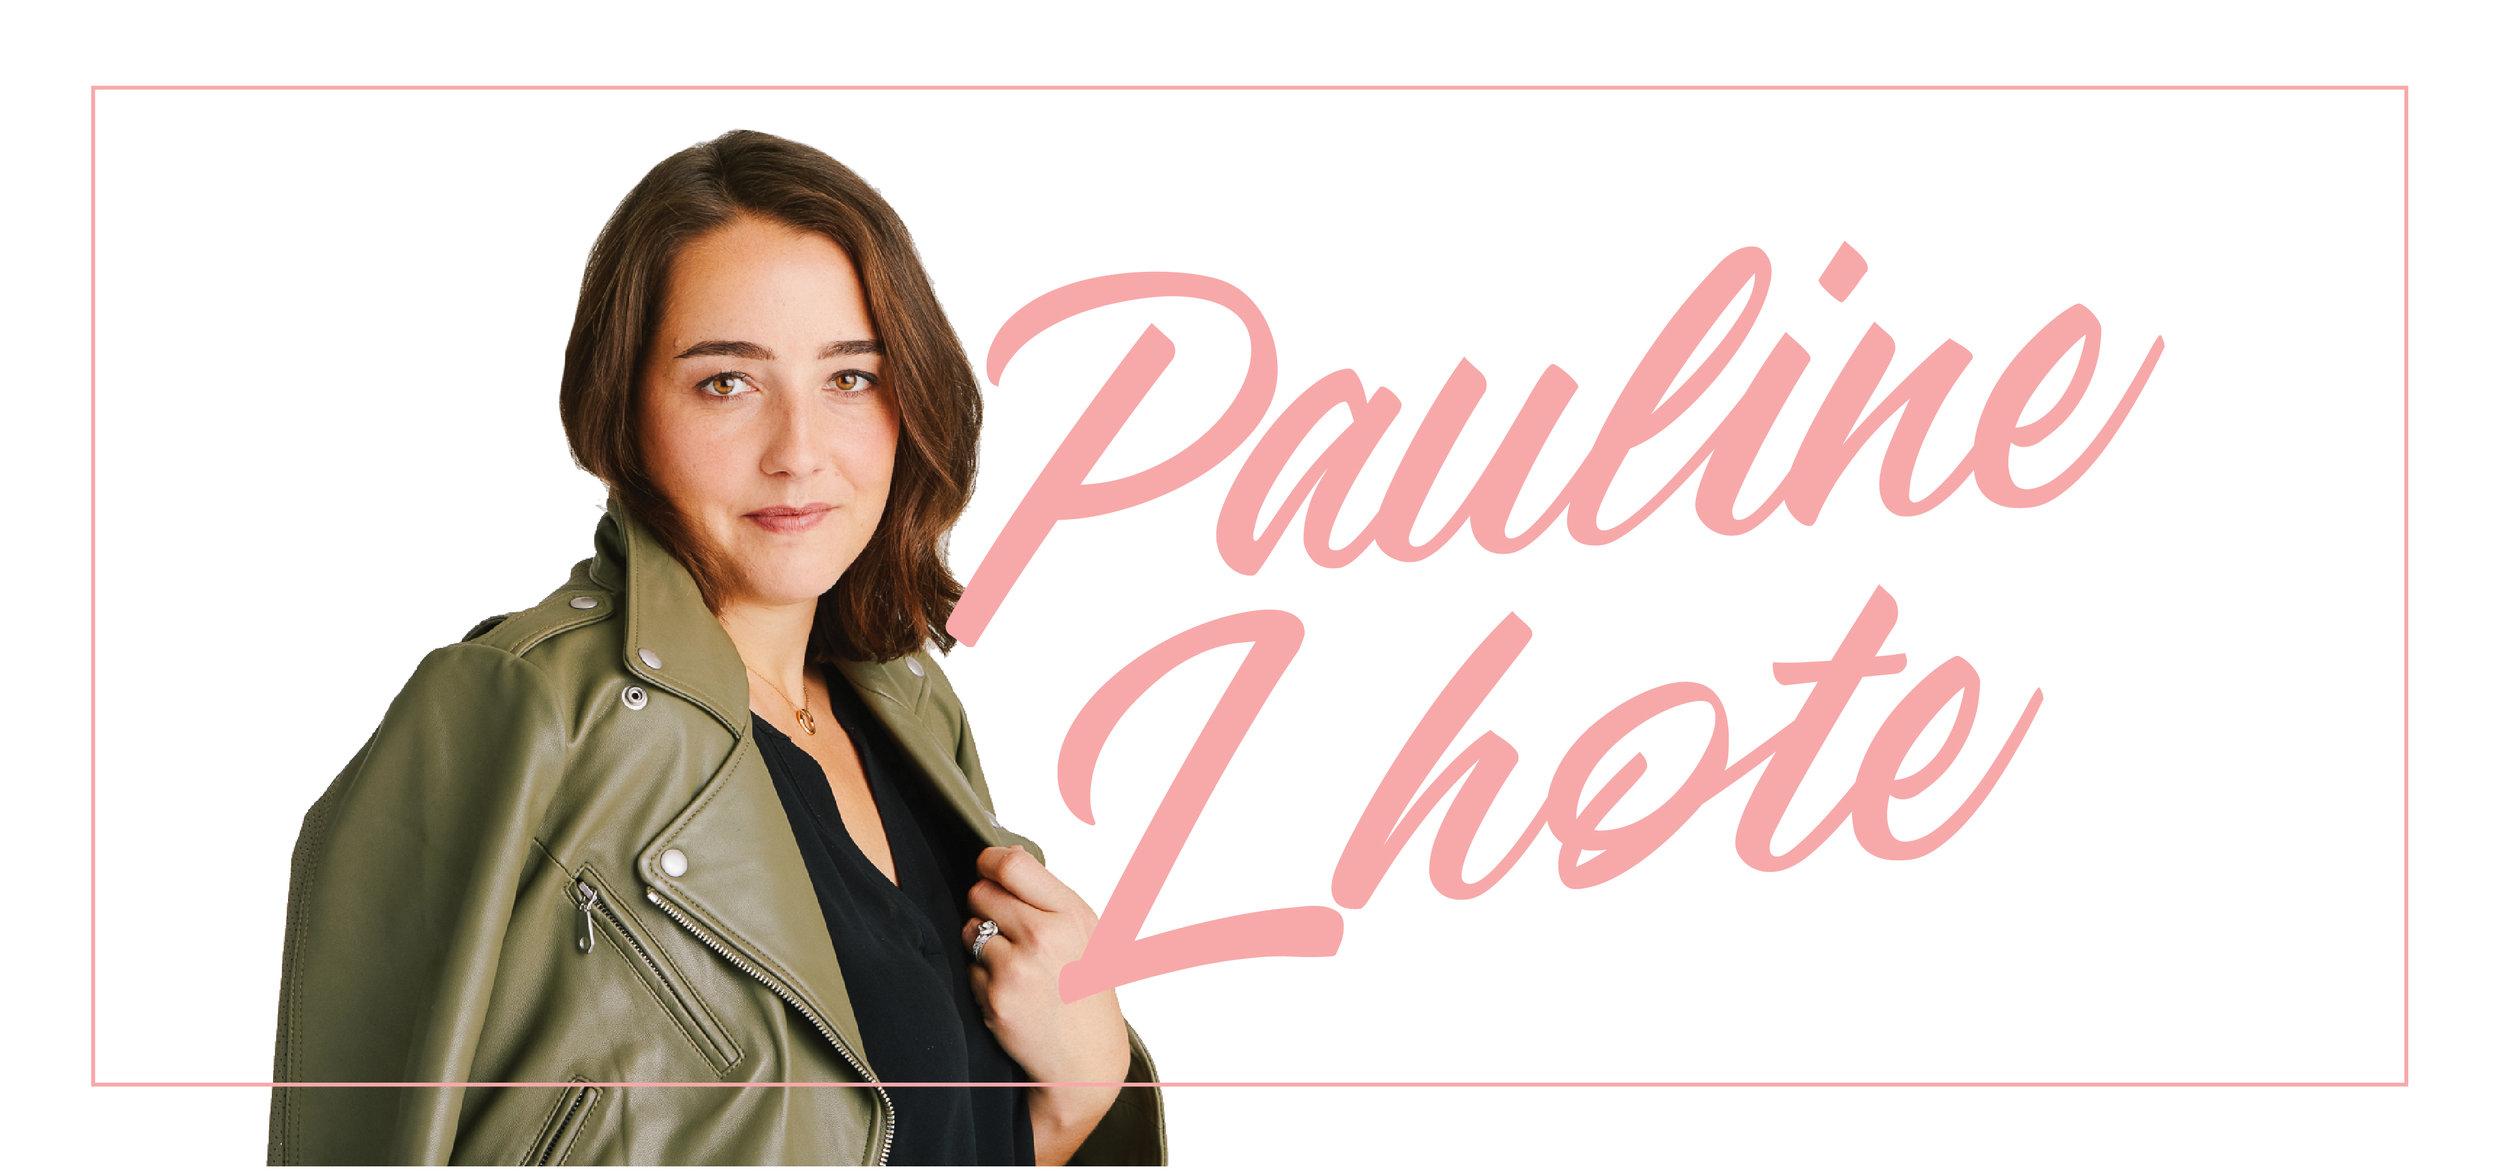 pauline_header.jpg